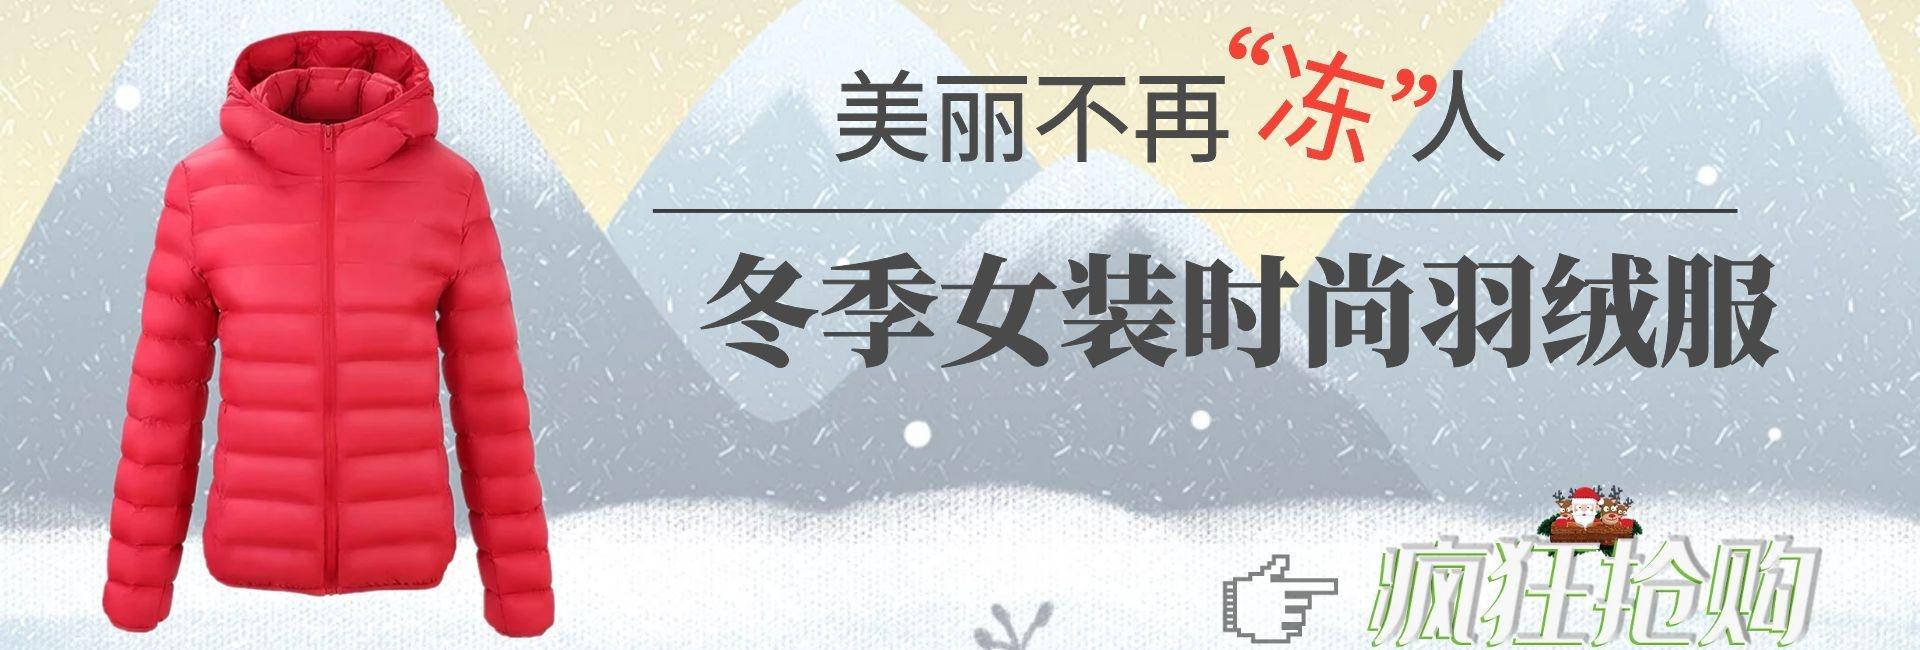 冬季女装时尚羽绒服,美丽不再冻人